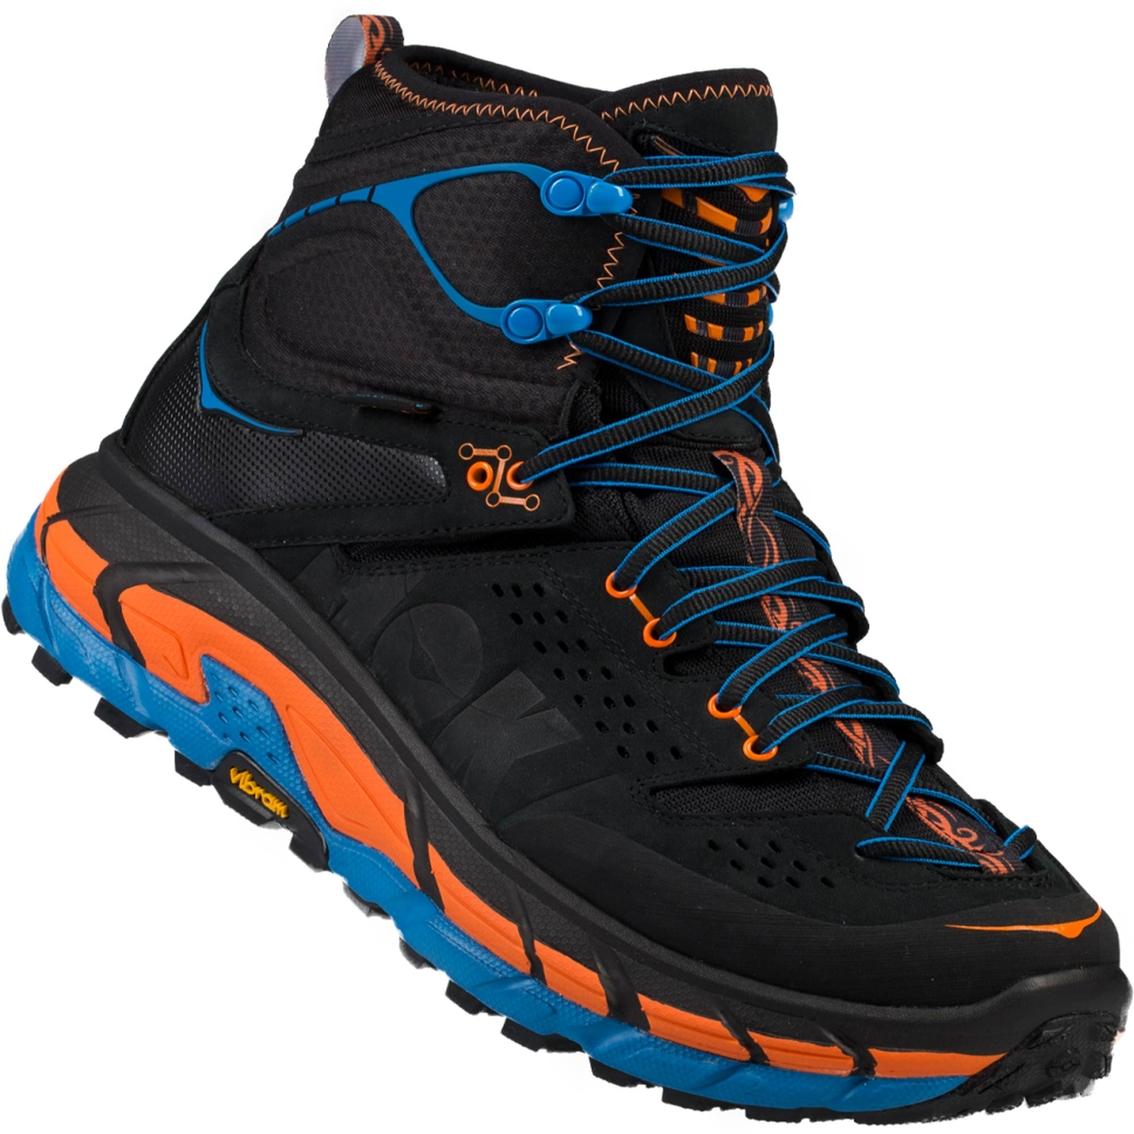 7f3c6e7ac87 Hoka One One Men's Tor Ultra Hi Waterproof Hiking Shoes | Hiking ...